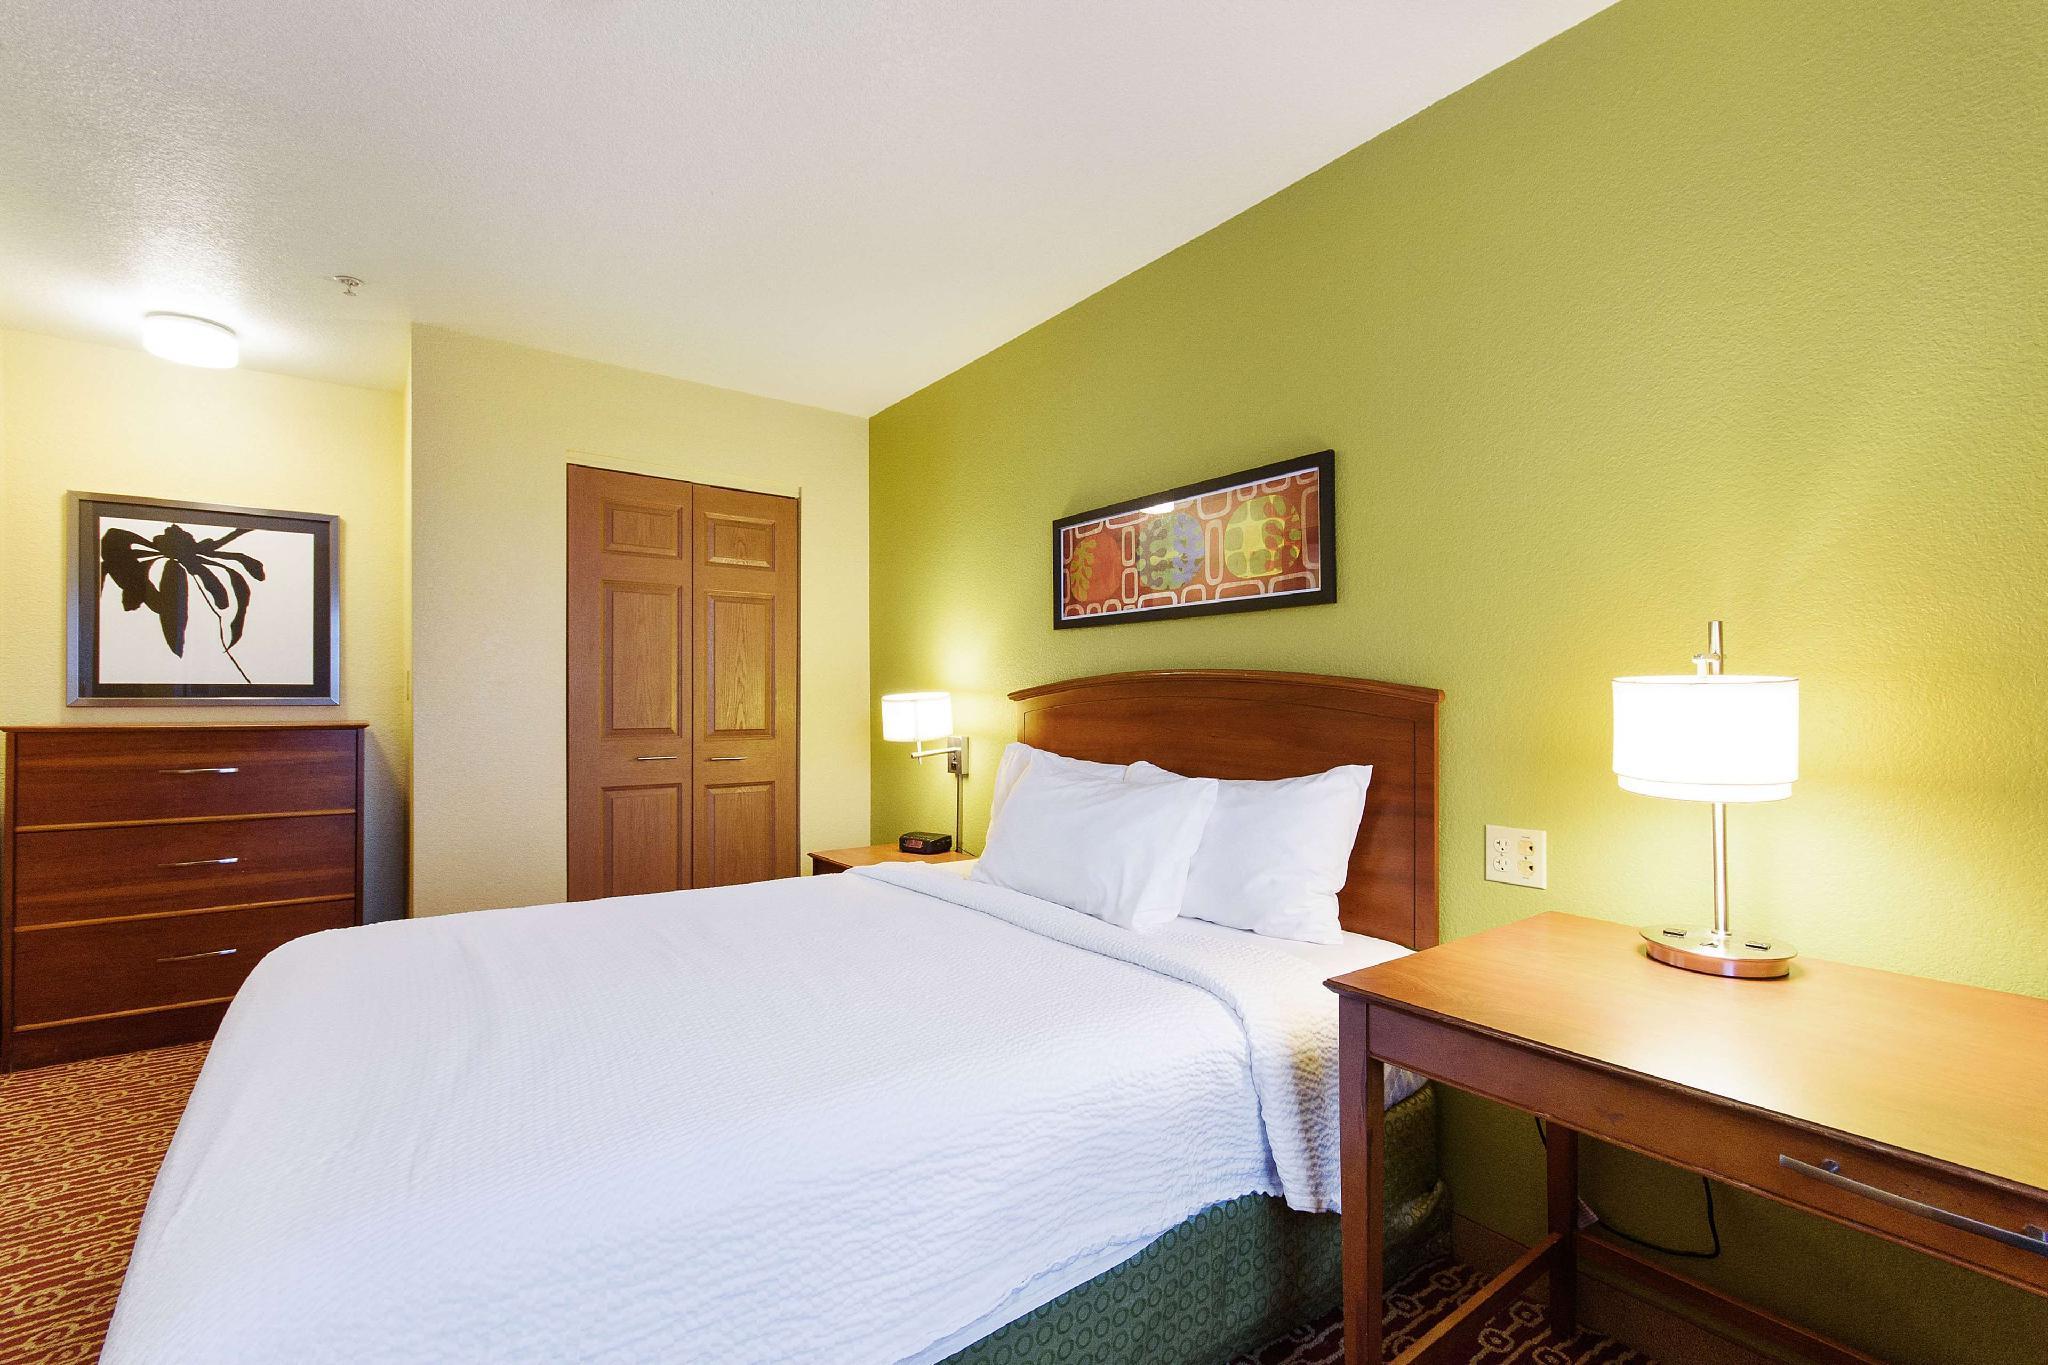 2 Bedroom Suite 2 Queen Beds Nonsmoking